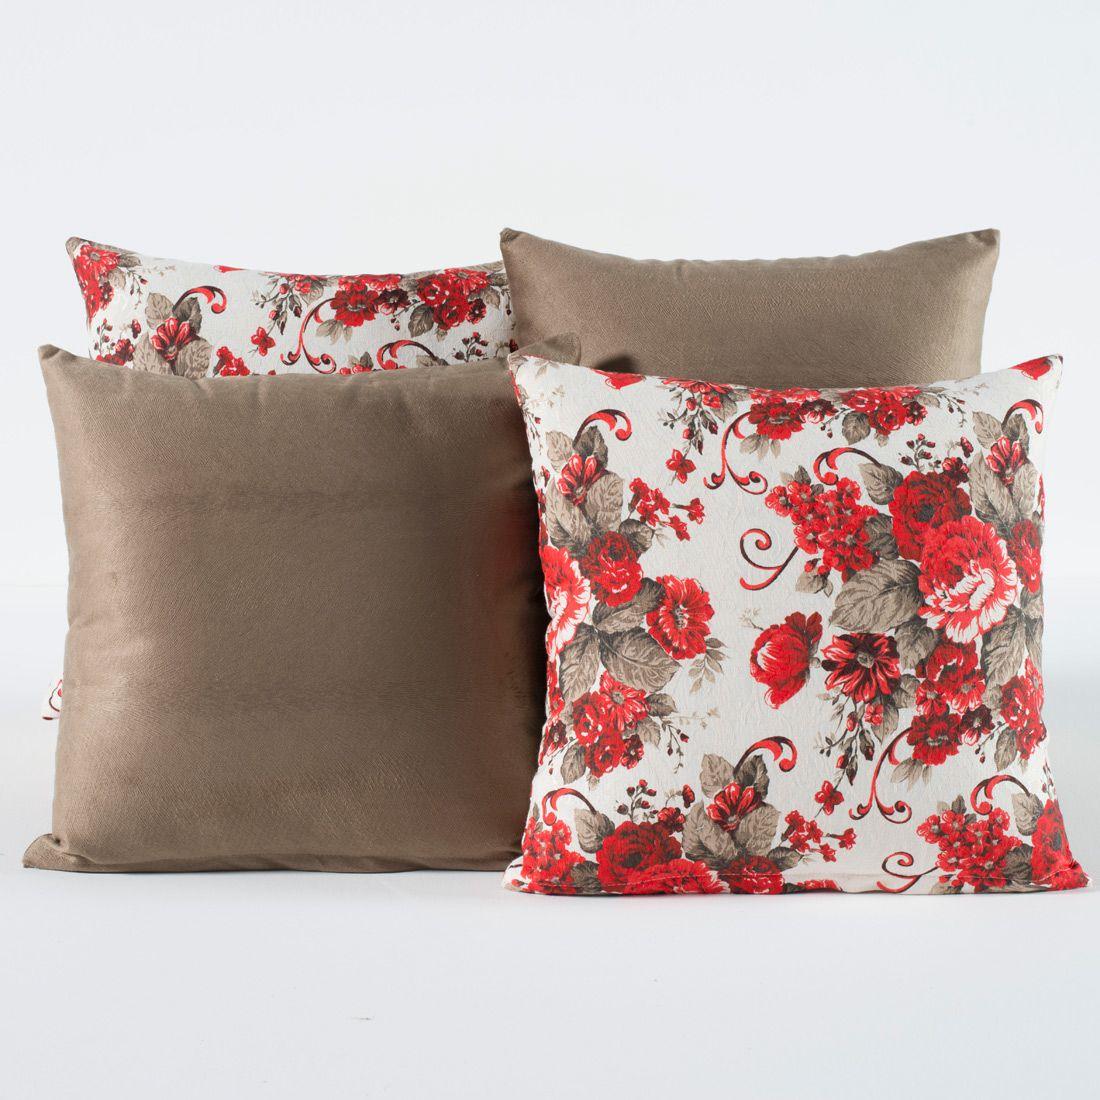 Kit c/ 4 Almofadas Cheias Decorativas Floral Vermelho e Caqui 04 Peças c/ Refil